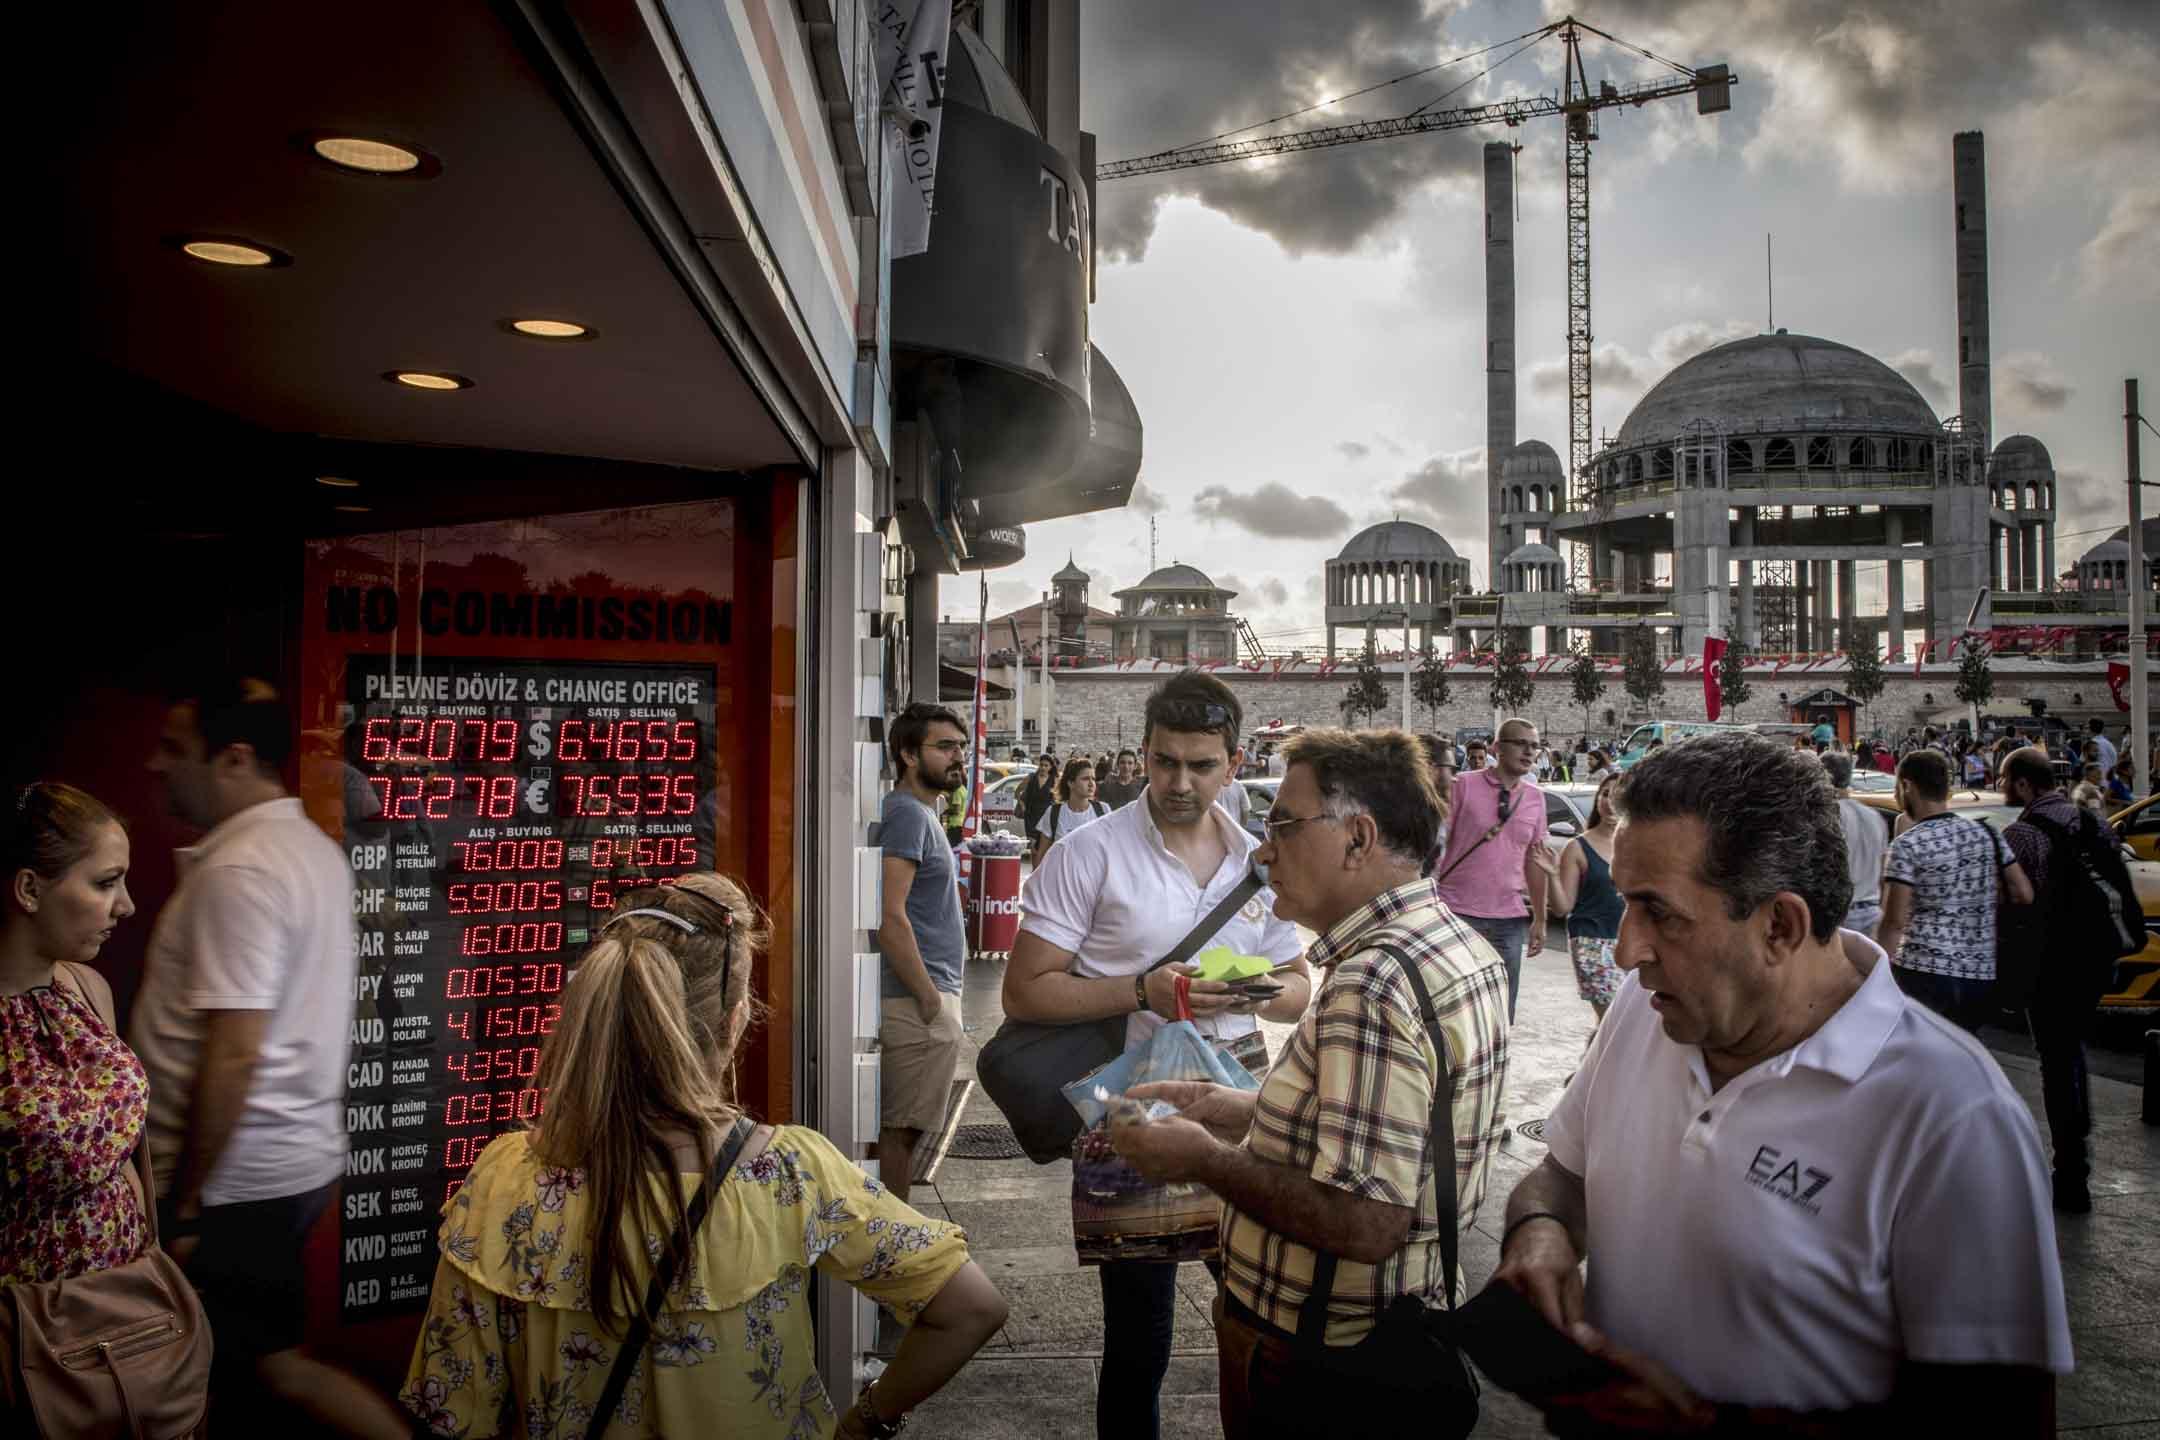 2018年8月29日,人們在土耳其伊斯坦布爾的一間貨幣兌換處兌換貨幣。  攝:Chris McGrath/Getty Images